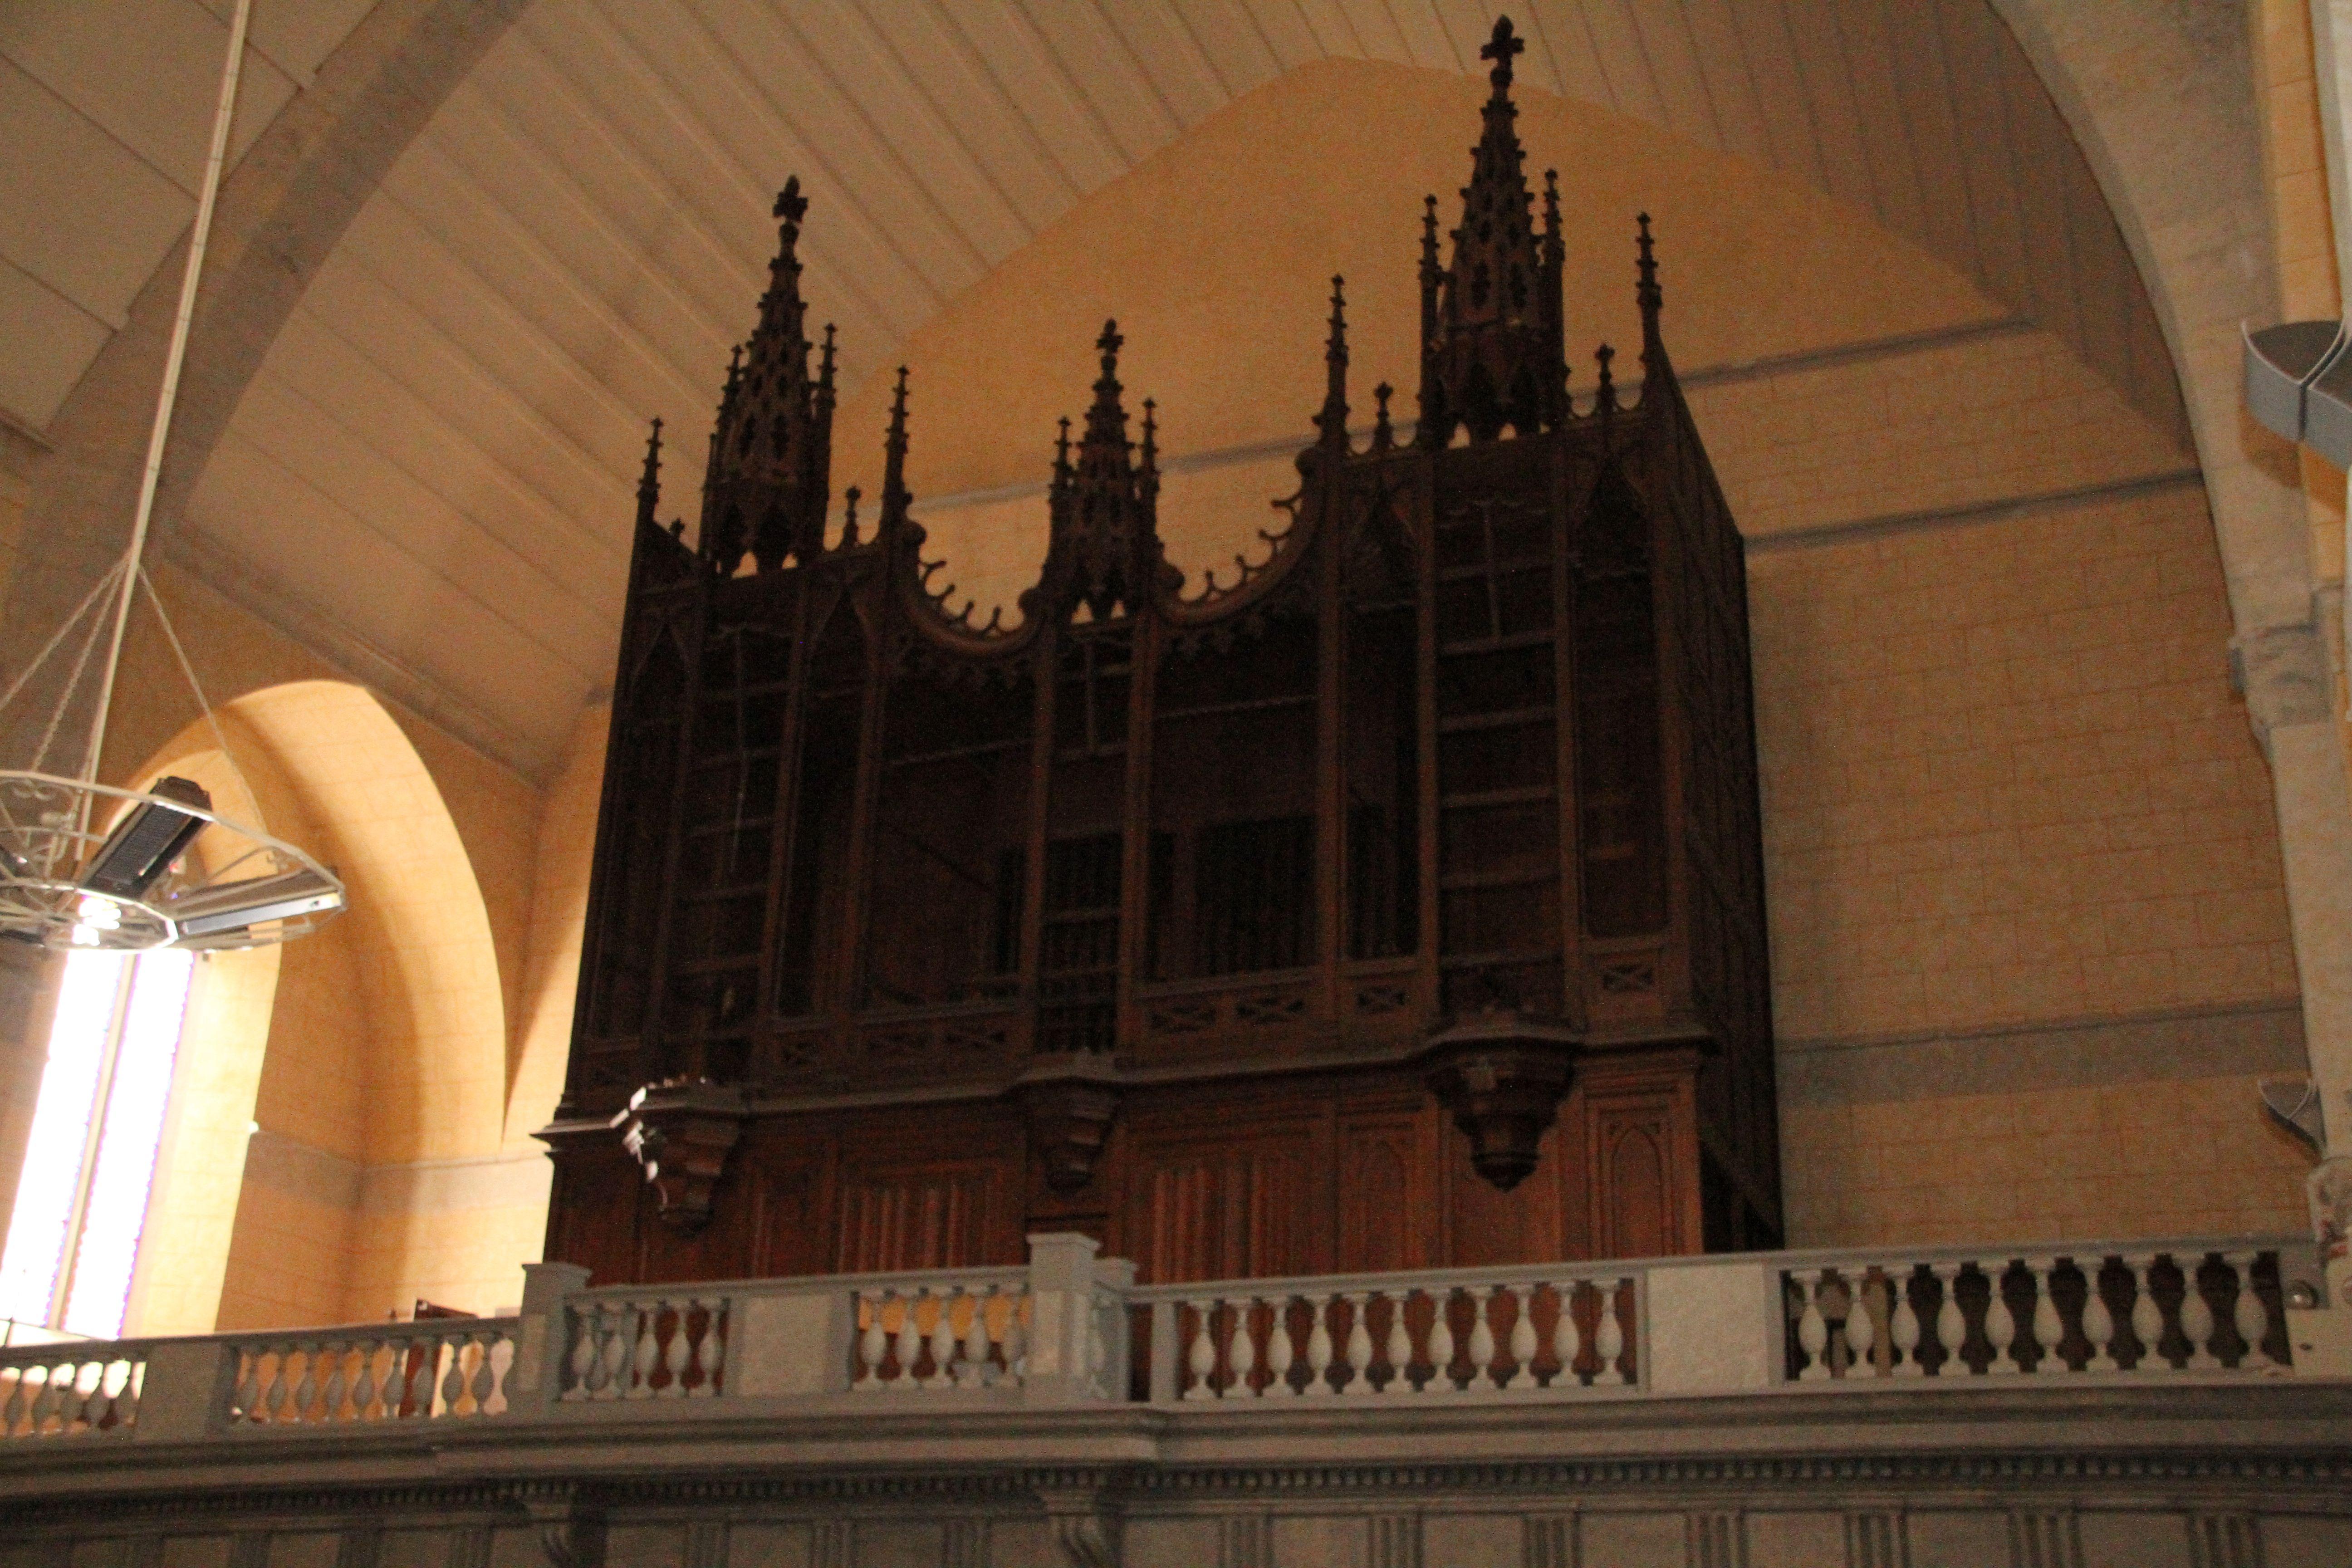 Orgue de l'église Saint-Jean-Baptiste à Tarbes